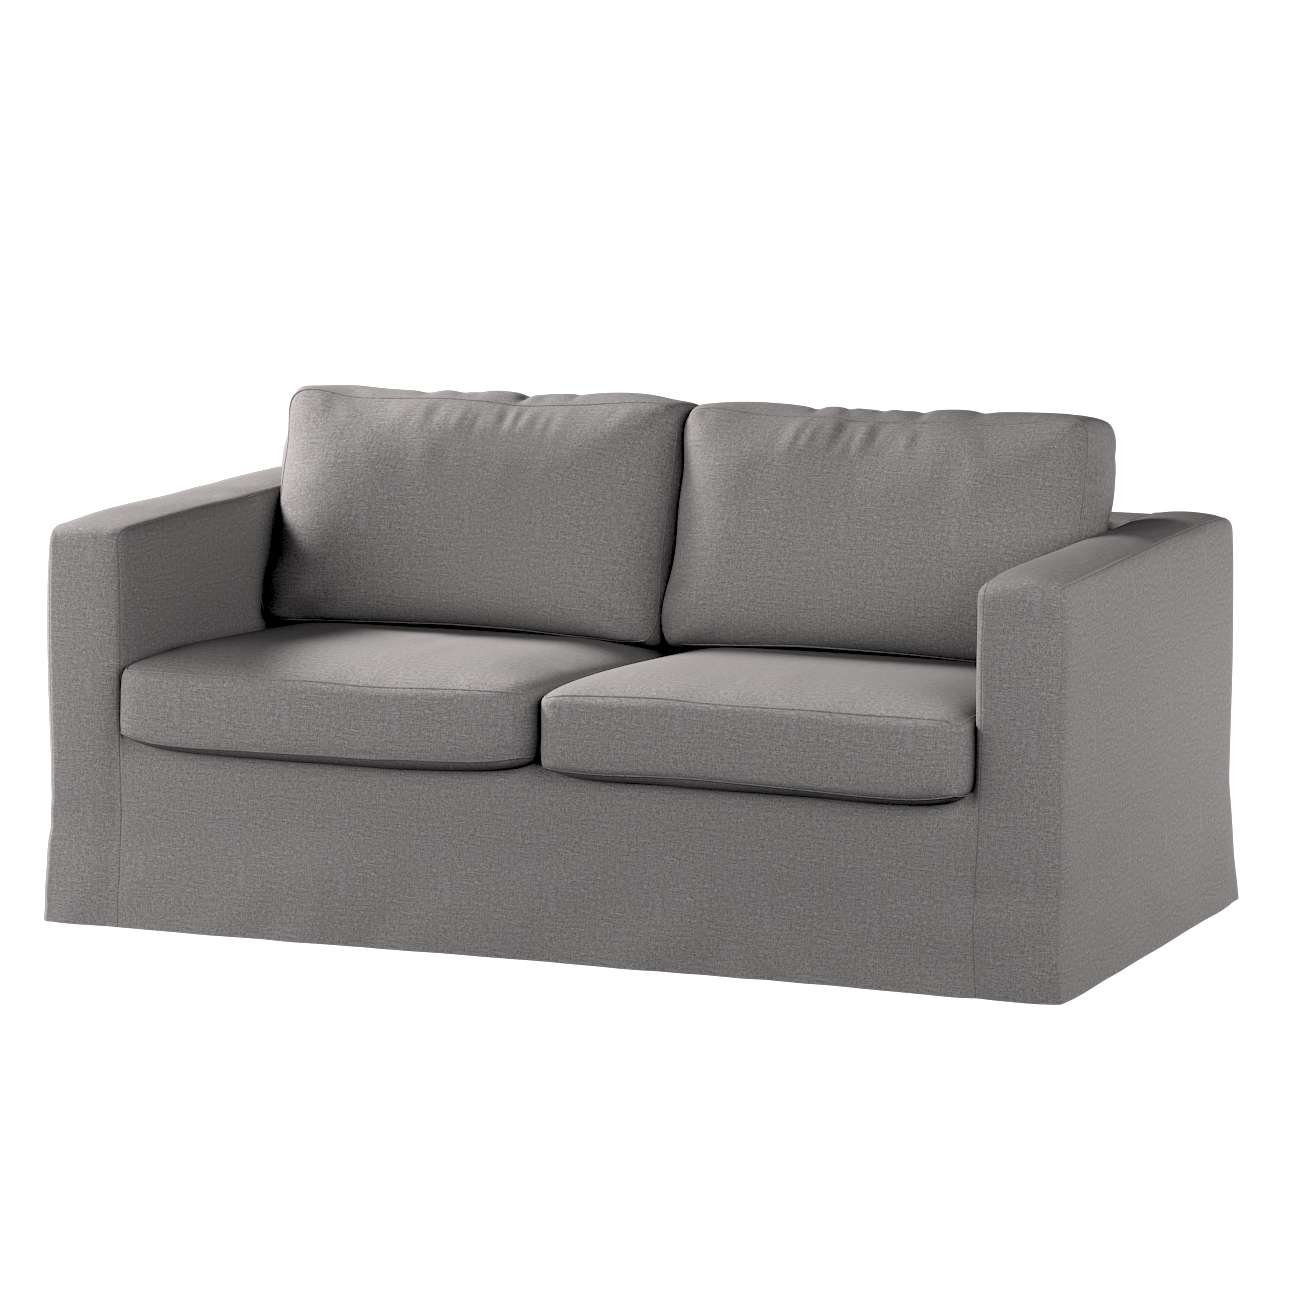 Hoes (lang) voor IKEA-Karlstad 2-zitsbank van de collectie Edinburgh, Stof: 115-81